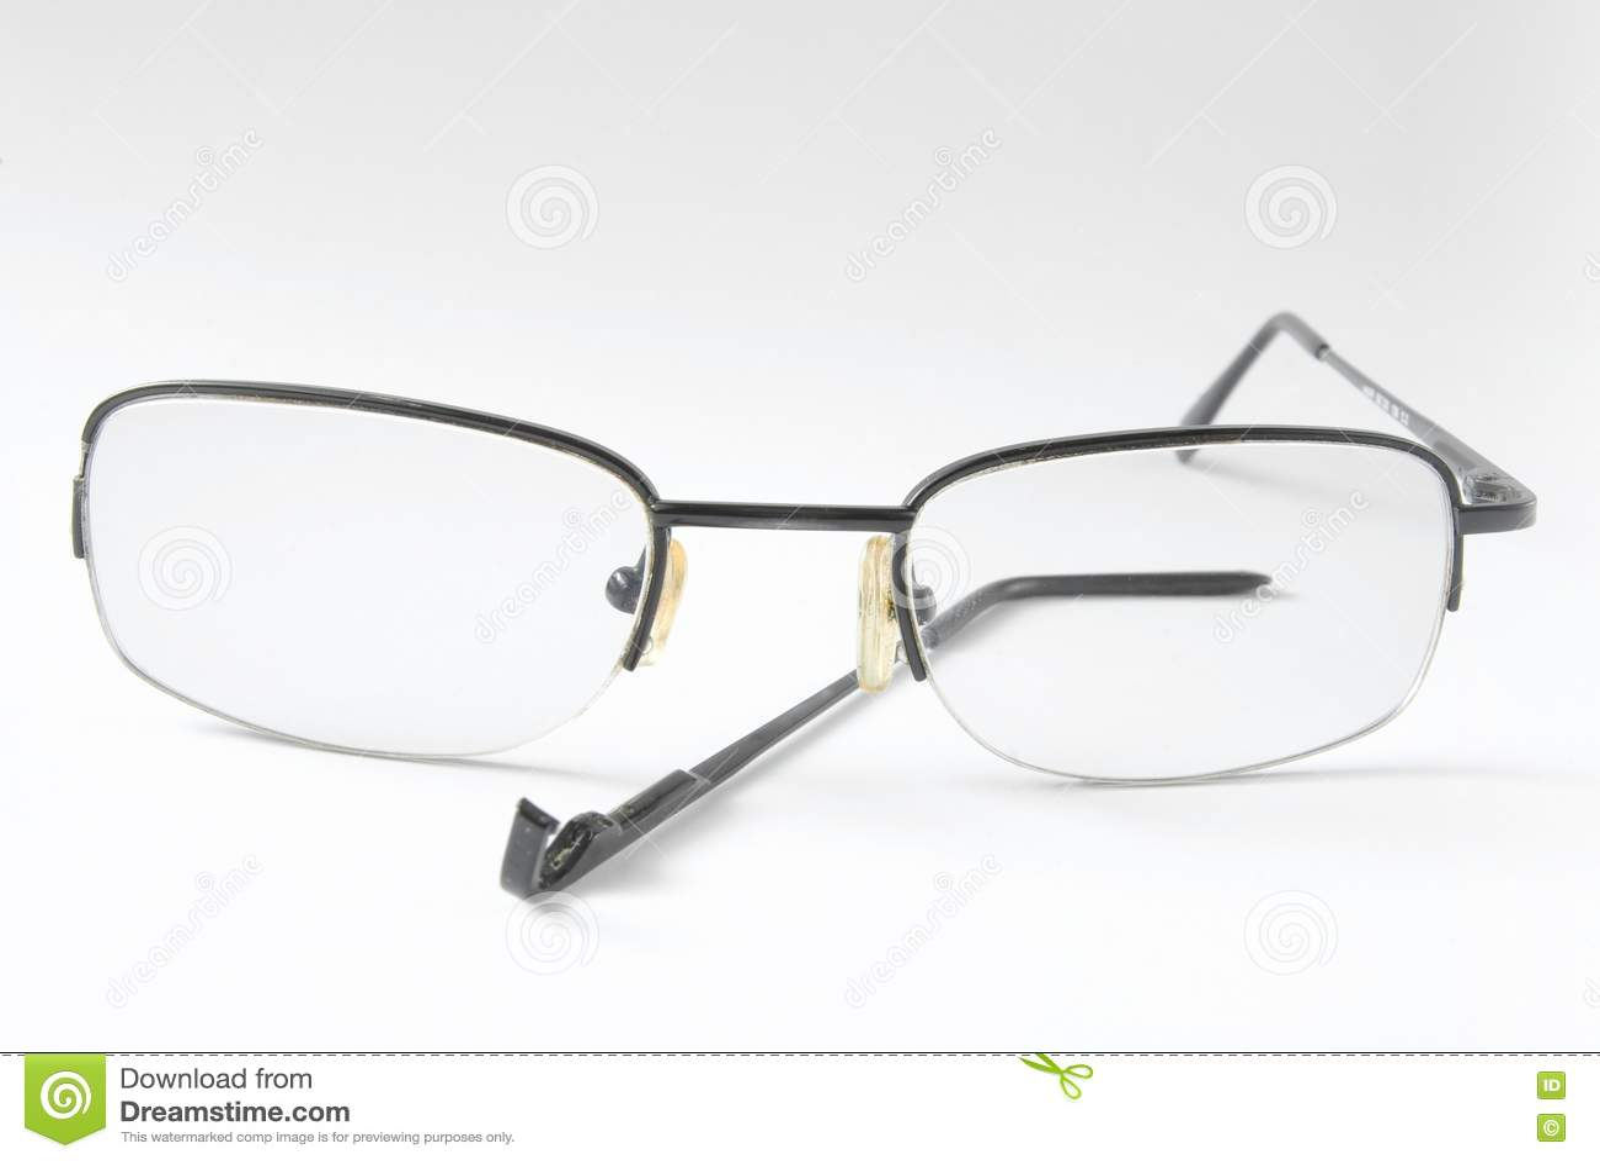 Broken Glasses Frame Dream : Broken Eyeglasses Royalty Free Stock Photo - Image: 14882595